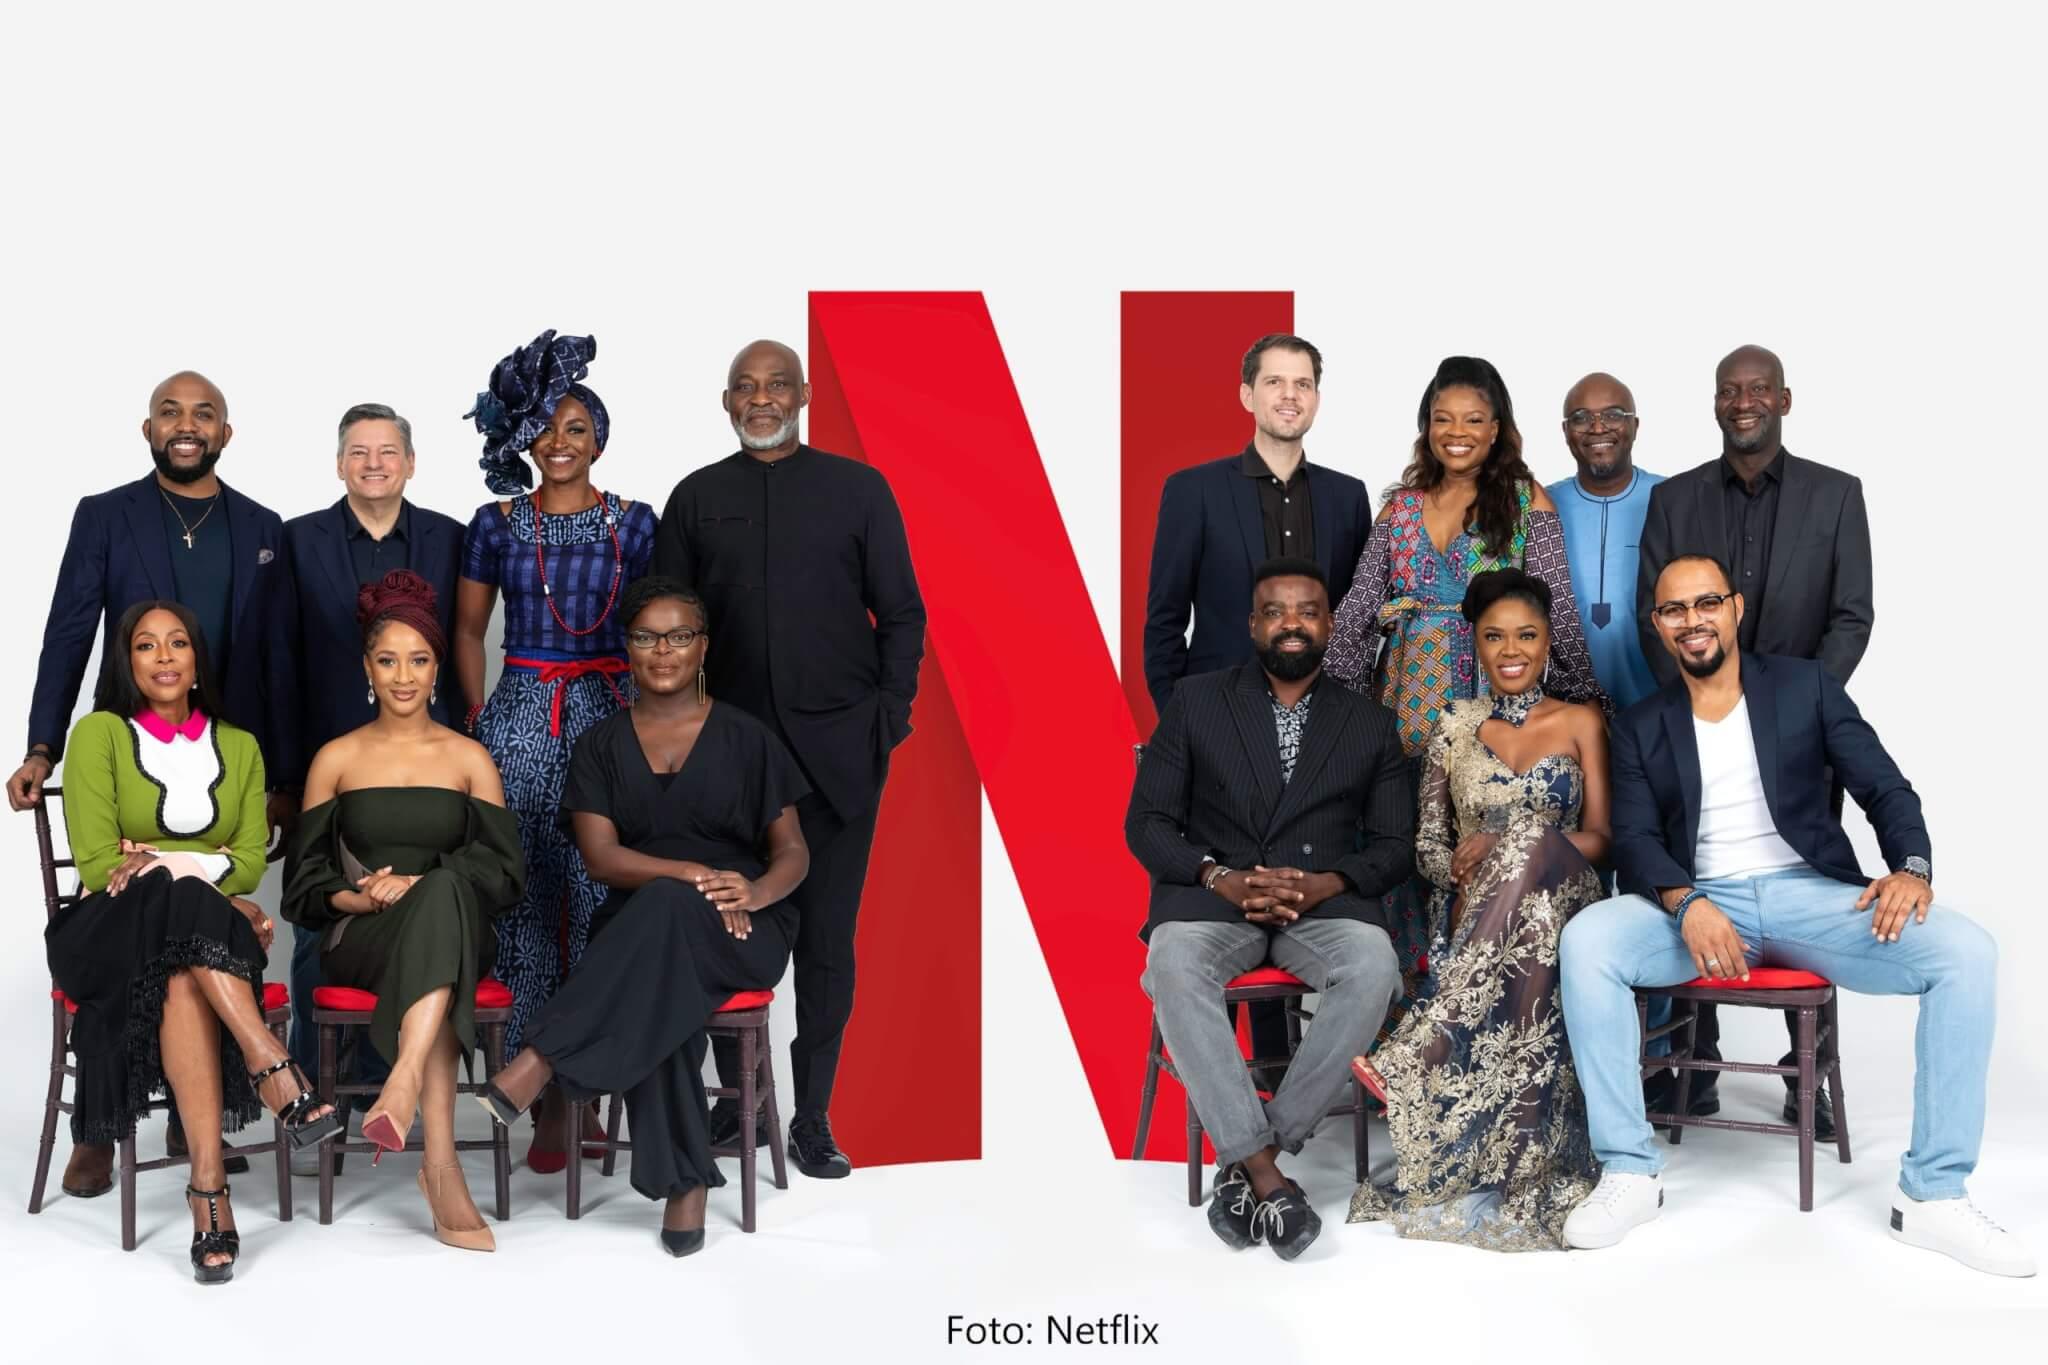 Netflix in Afrika: Wie der Streamingdienst Nollywood verändert